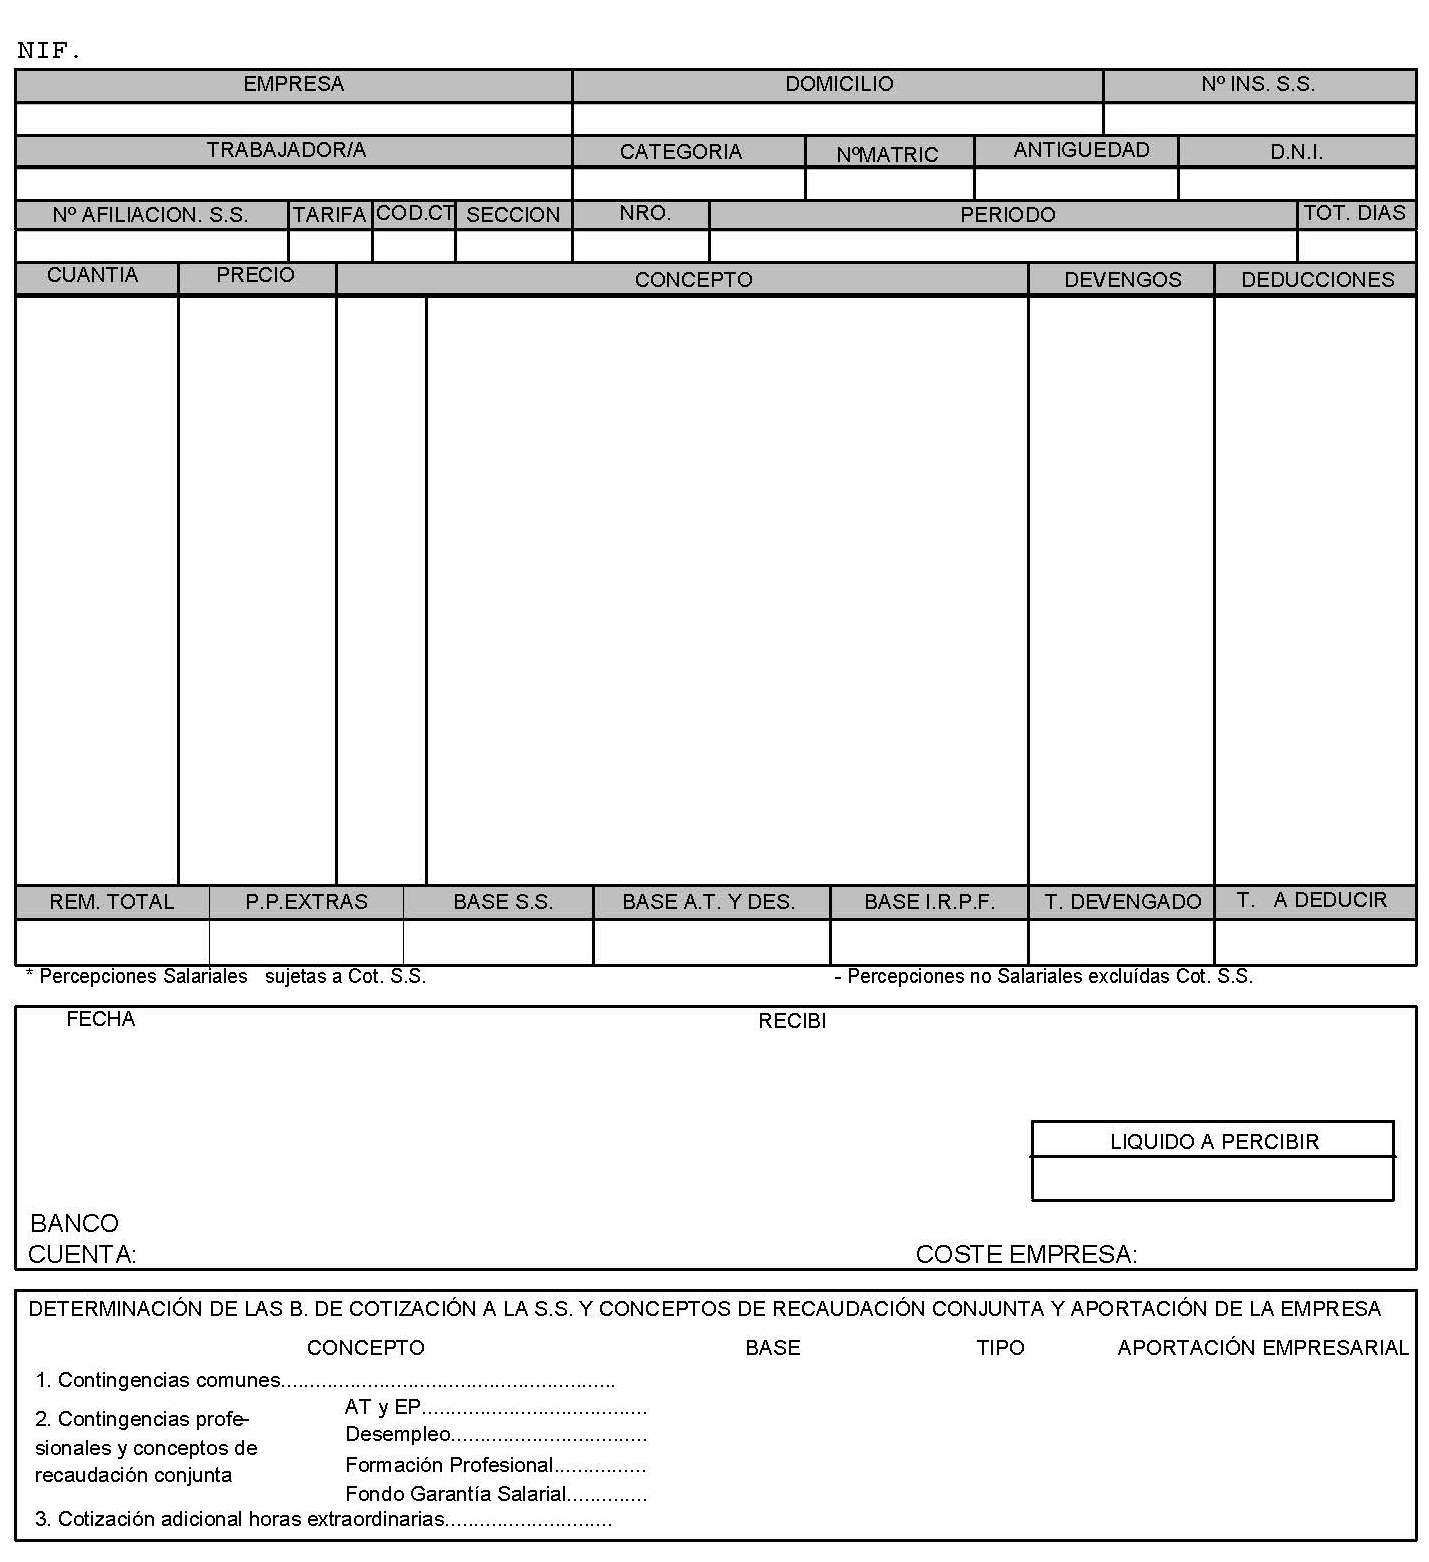 Modificaciones relativas al recibo de salarios i for Hoja nomina